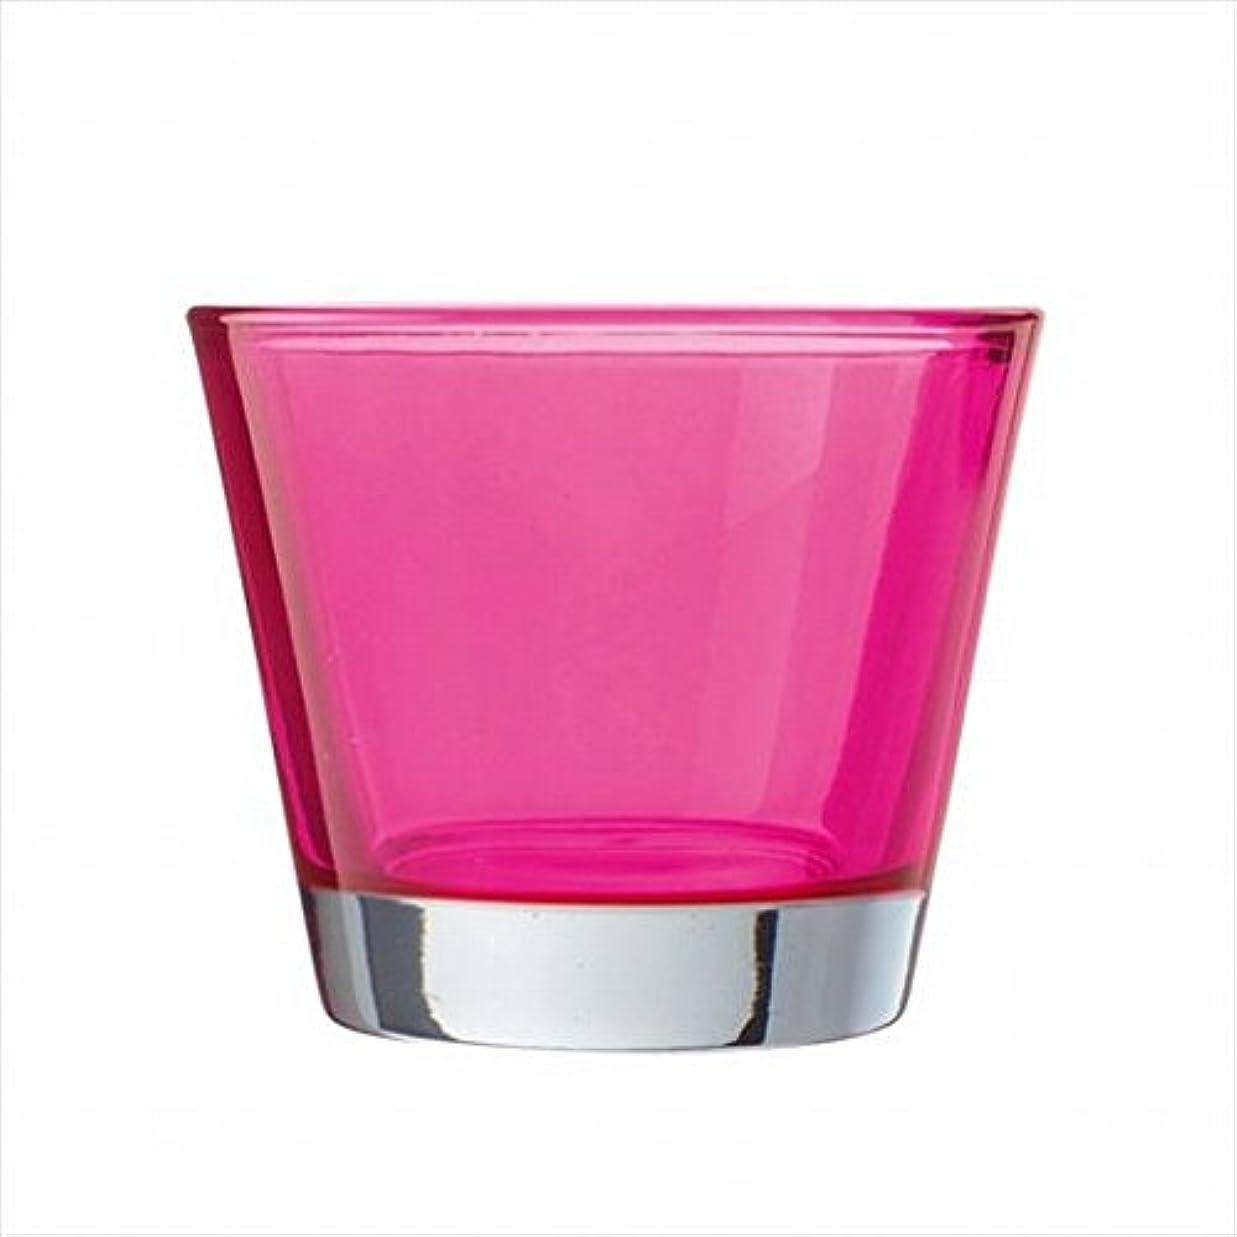 言う破壊する恐れるカメヤマキャンドル( kameyama candle ) カラリス 「 ピンク 」